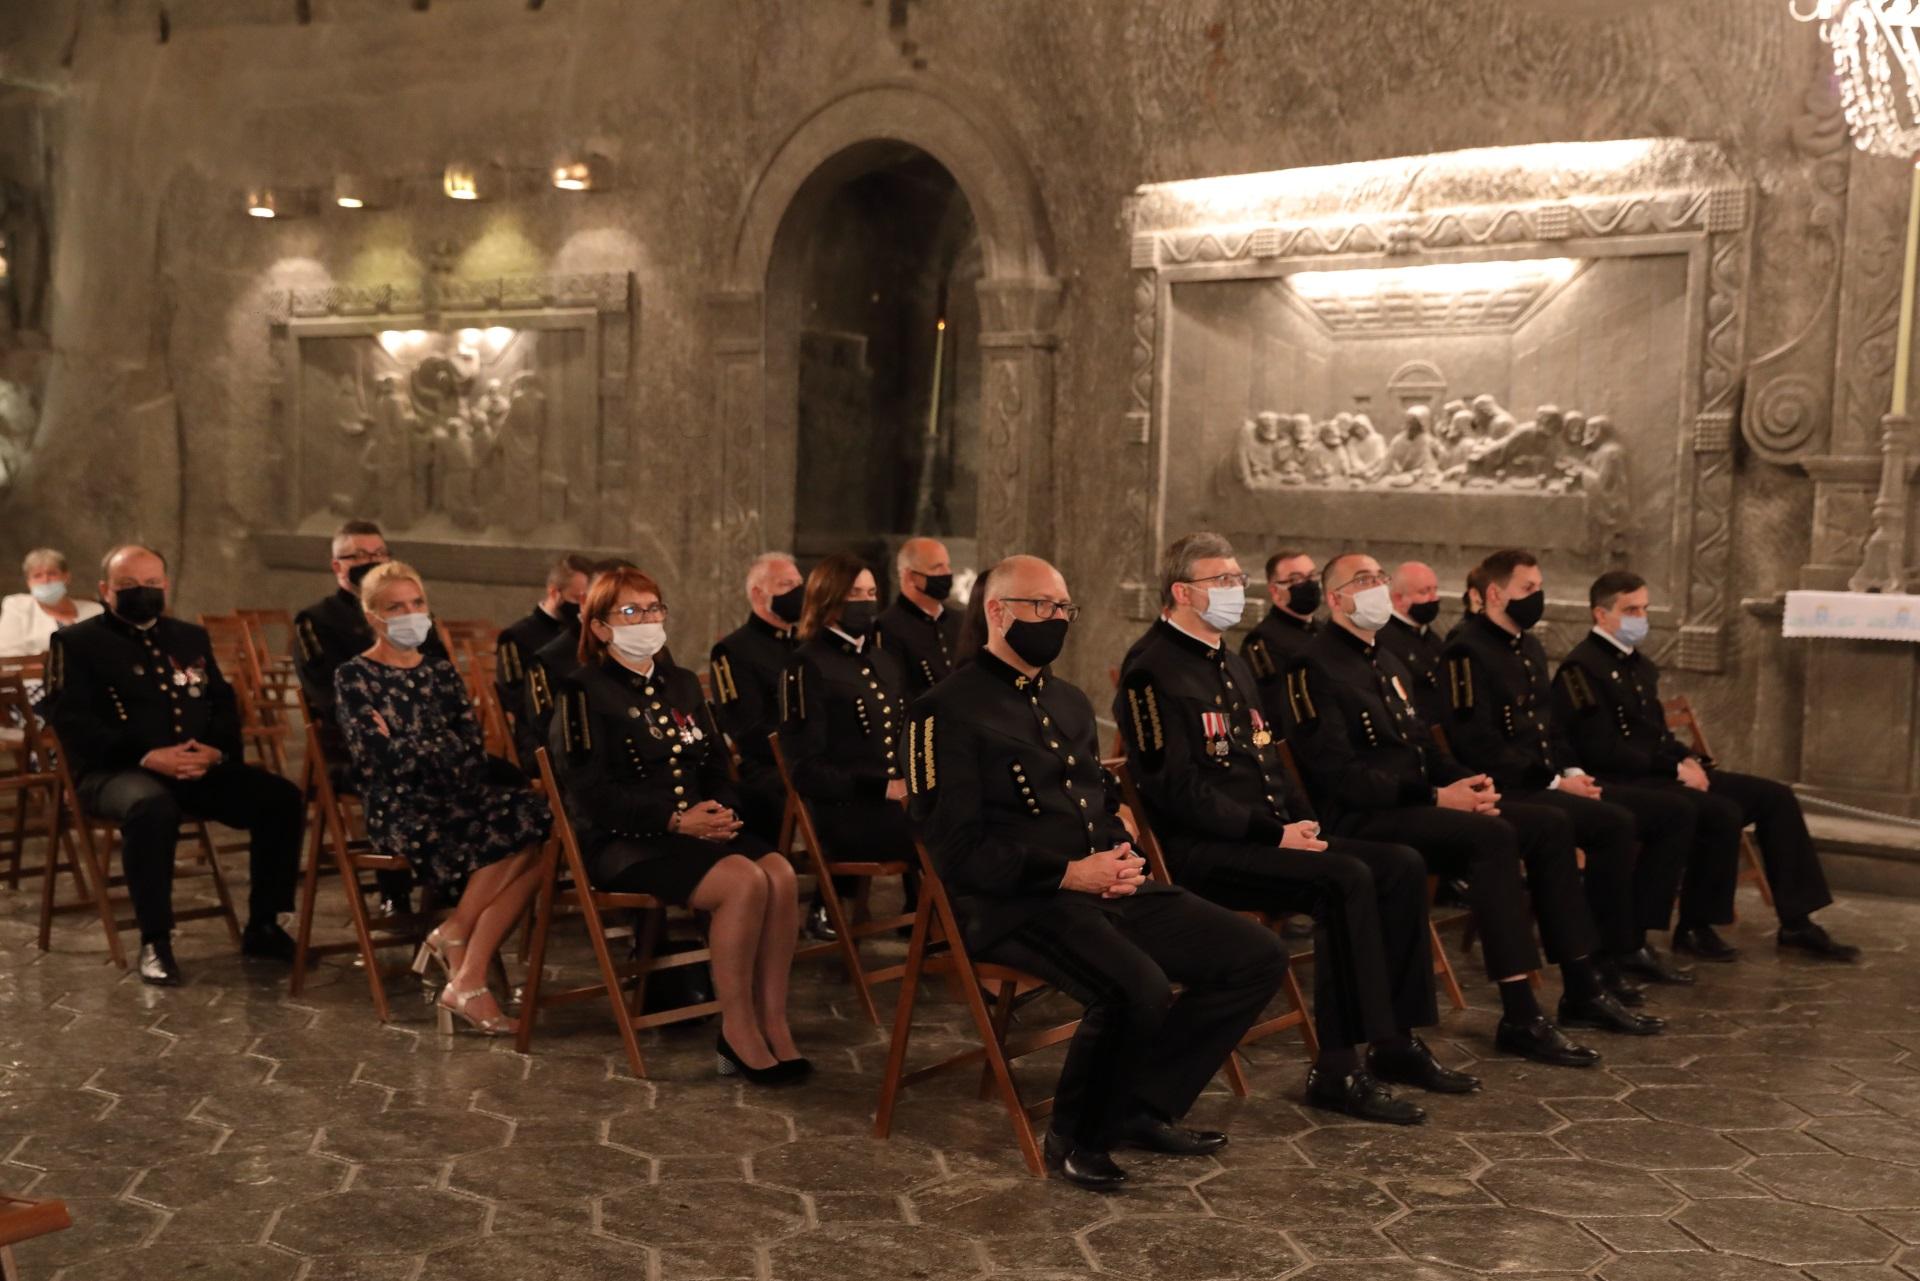 """Górnicy w galowych mundurach podczas mszy św. w kaplicy św. Kingi. W tle solna płaskorzeźba wzorowana na fresku Leonarda da Vinci """"Ostatnia Wieczerza"""""""